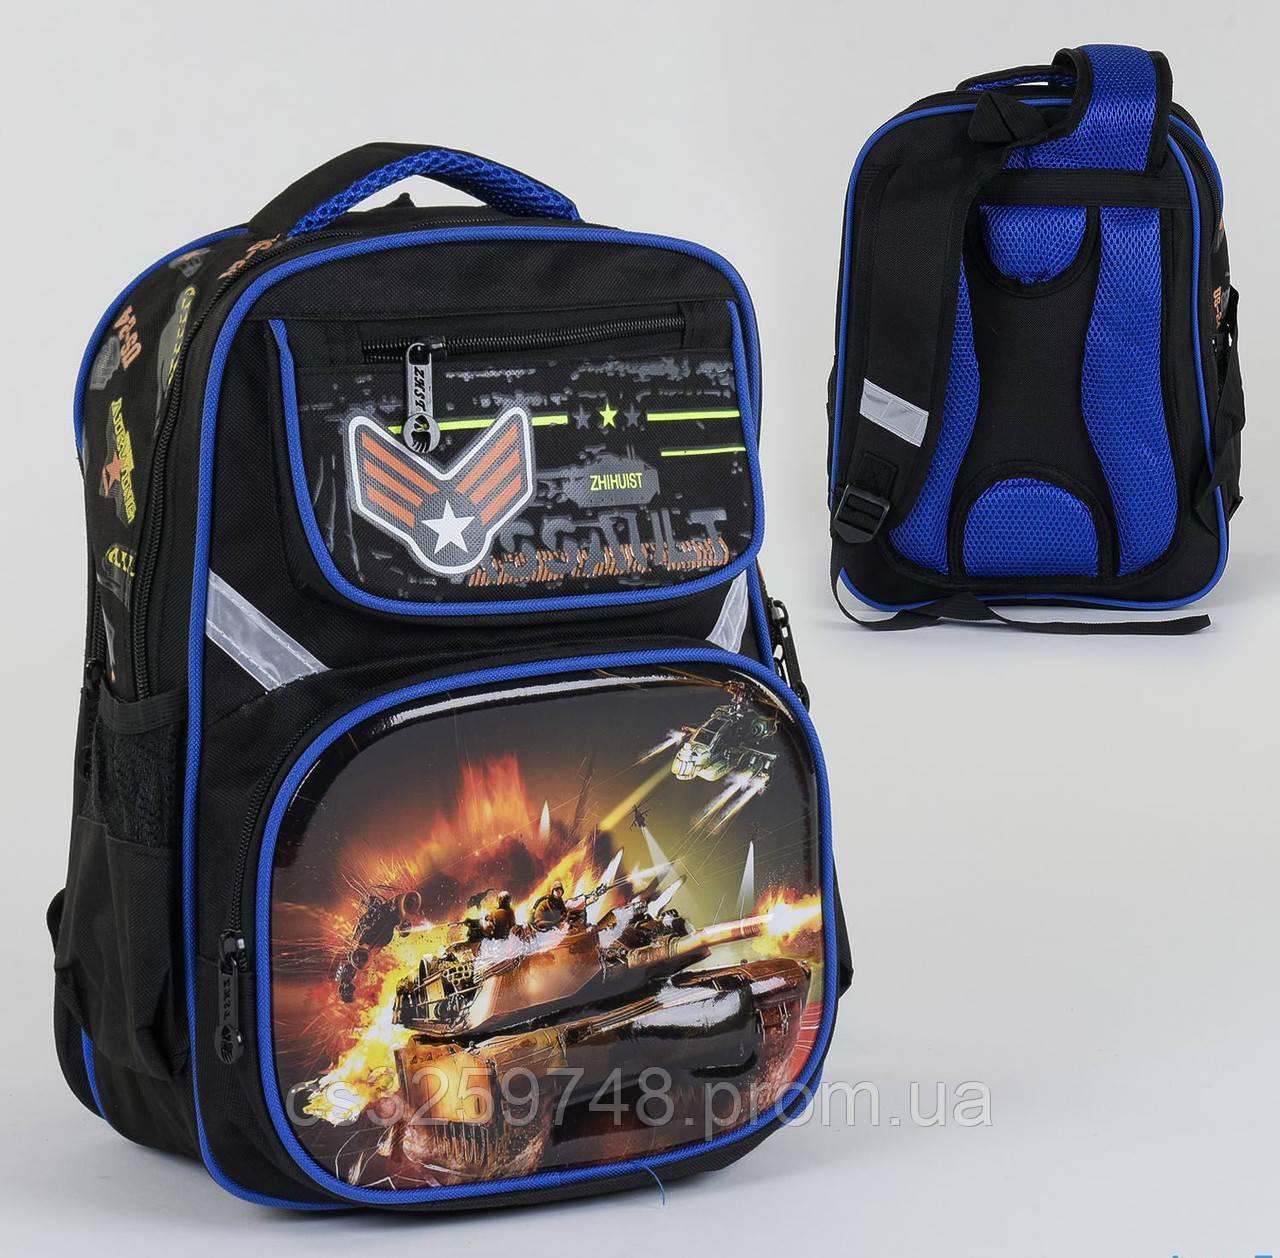 Рюкзак школьный С 36270, 2 отделения, 4 кармана, спинка ортопедическая, 3D принт